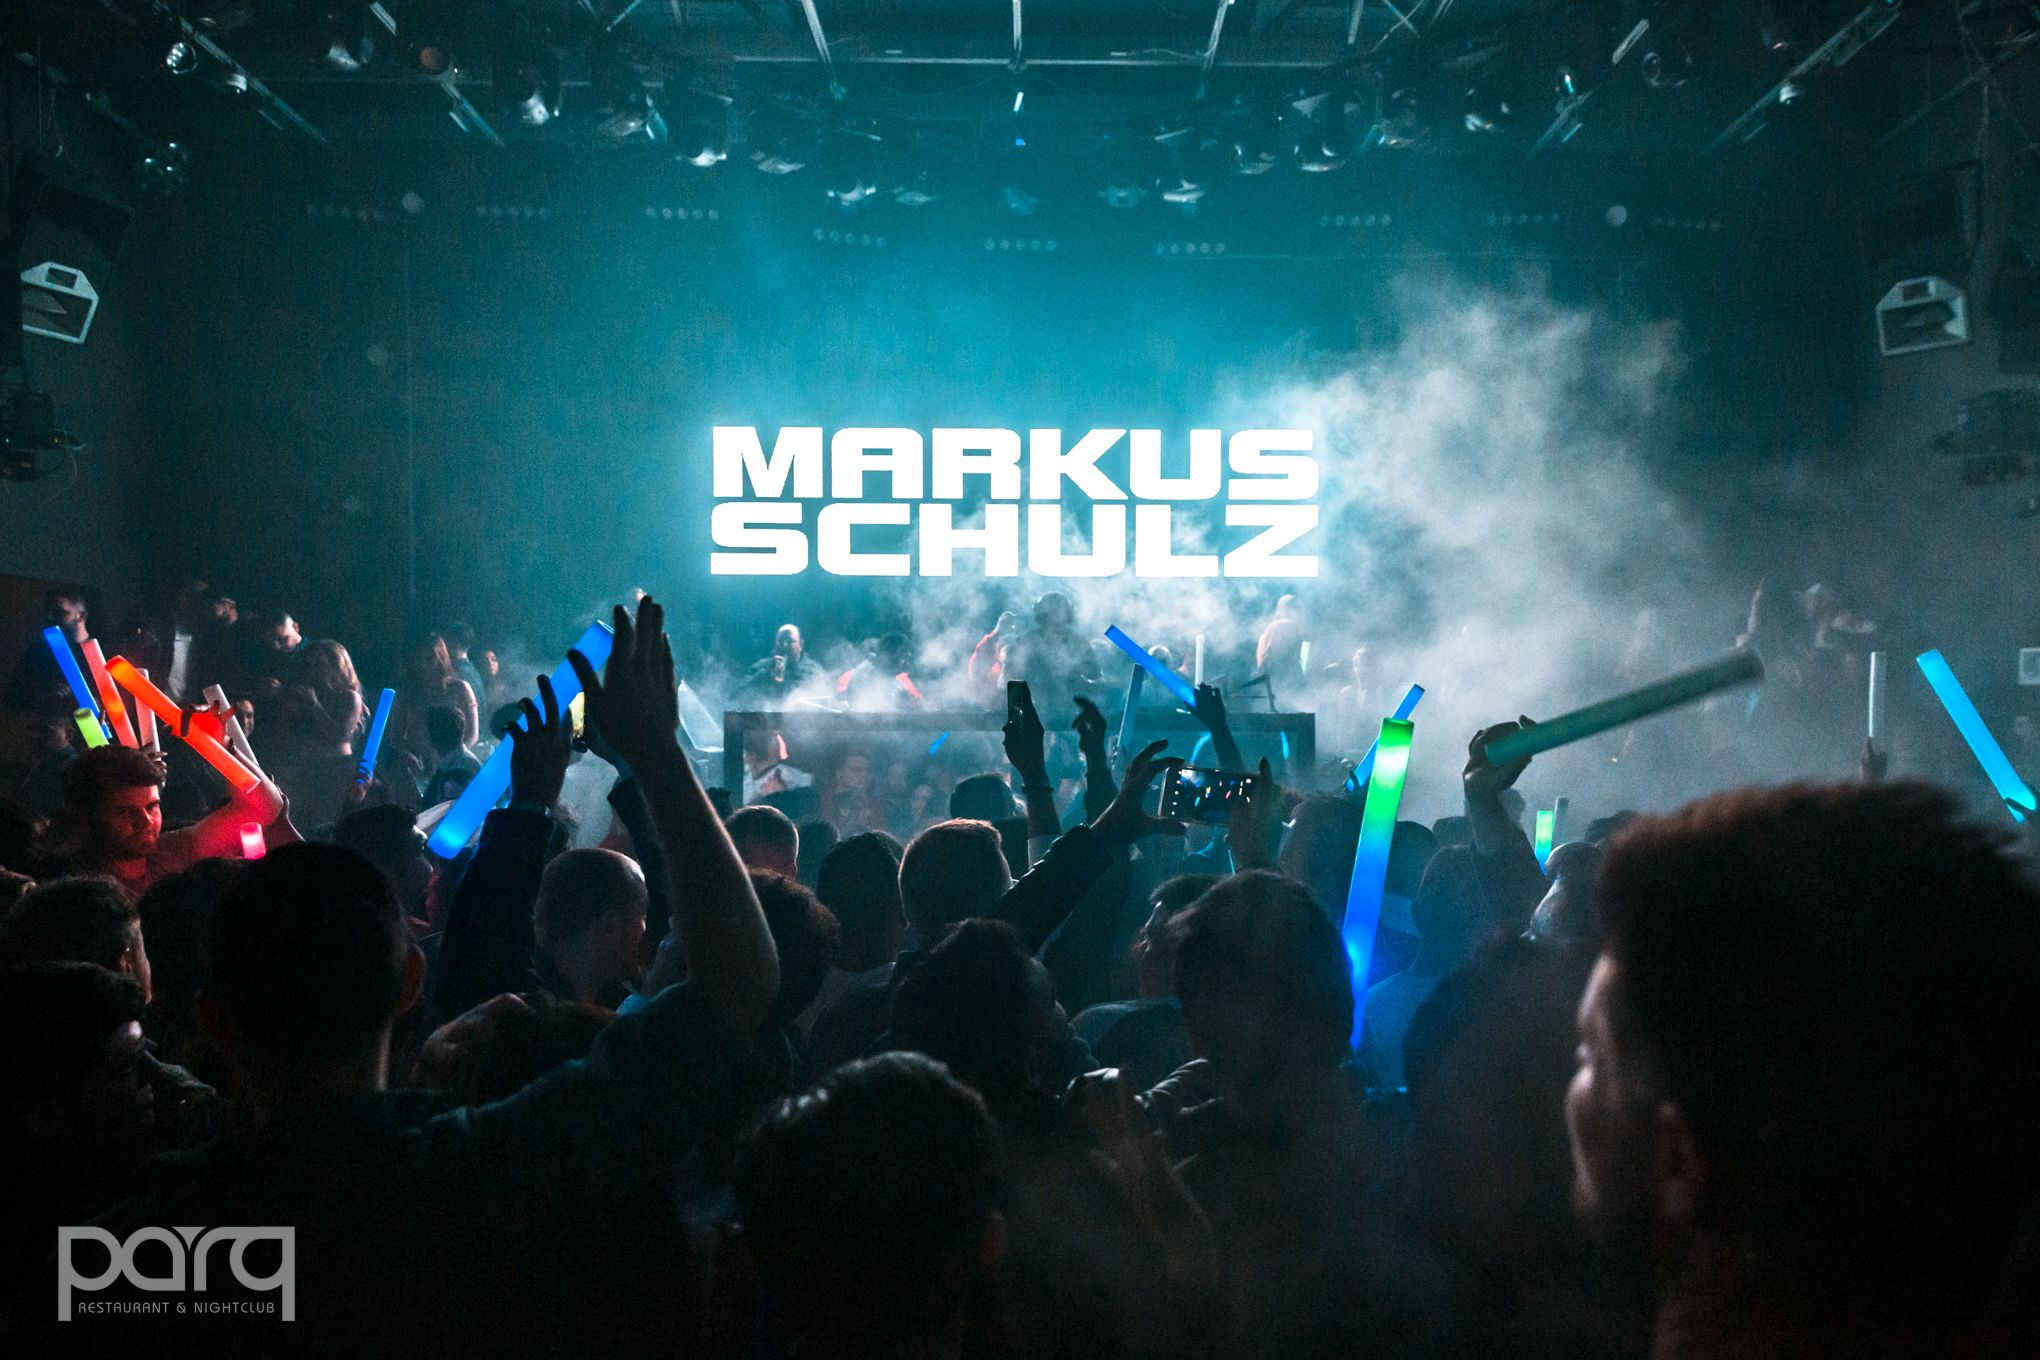 02.16.19 Parq - Markus Schulz-29.jpg